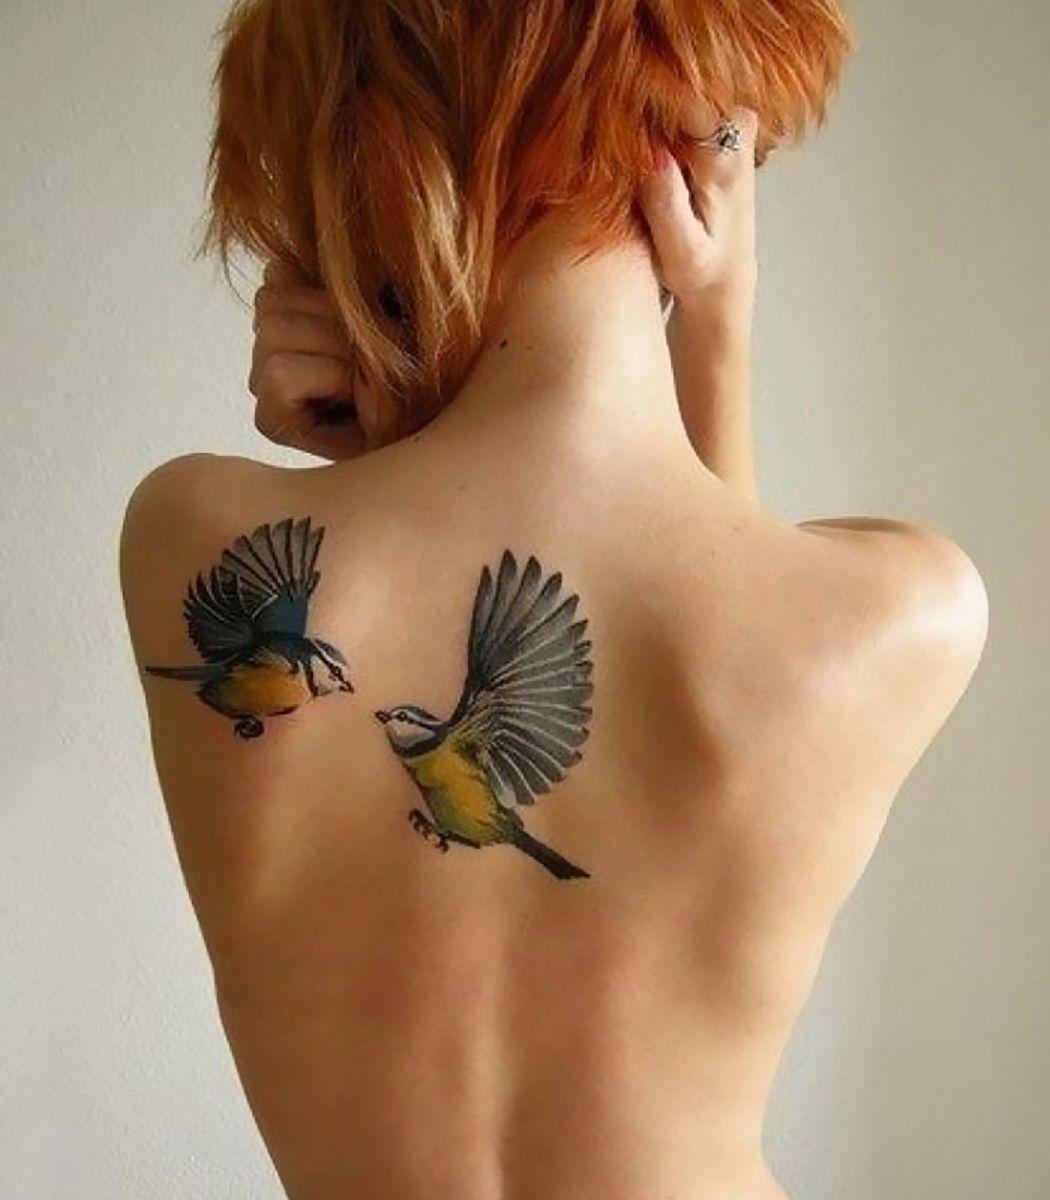 De colibri en la espalda significado tatuaje colibri tatuaje tattoo - Tatuaje De Dos Aves En Espalda De Mujer